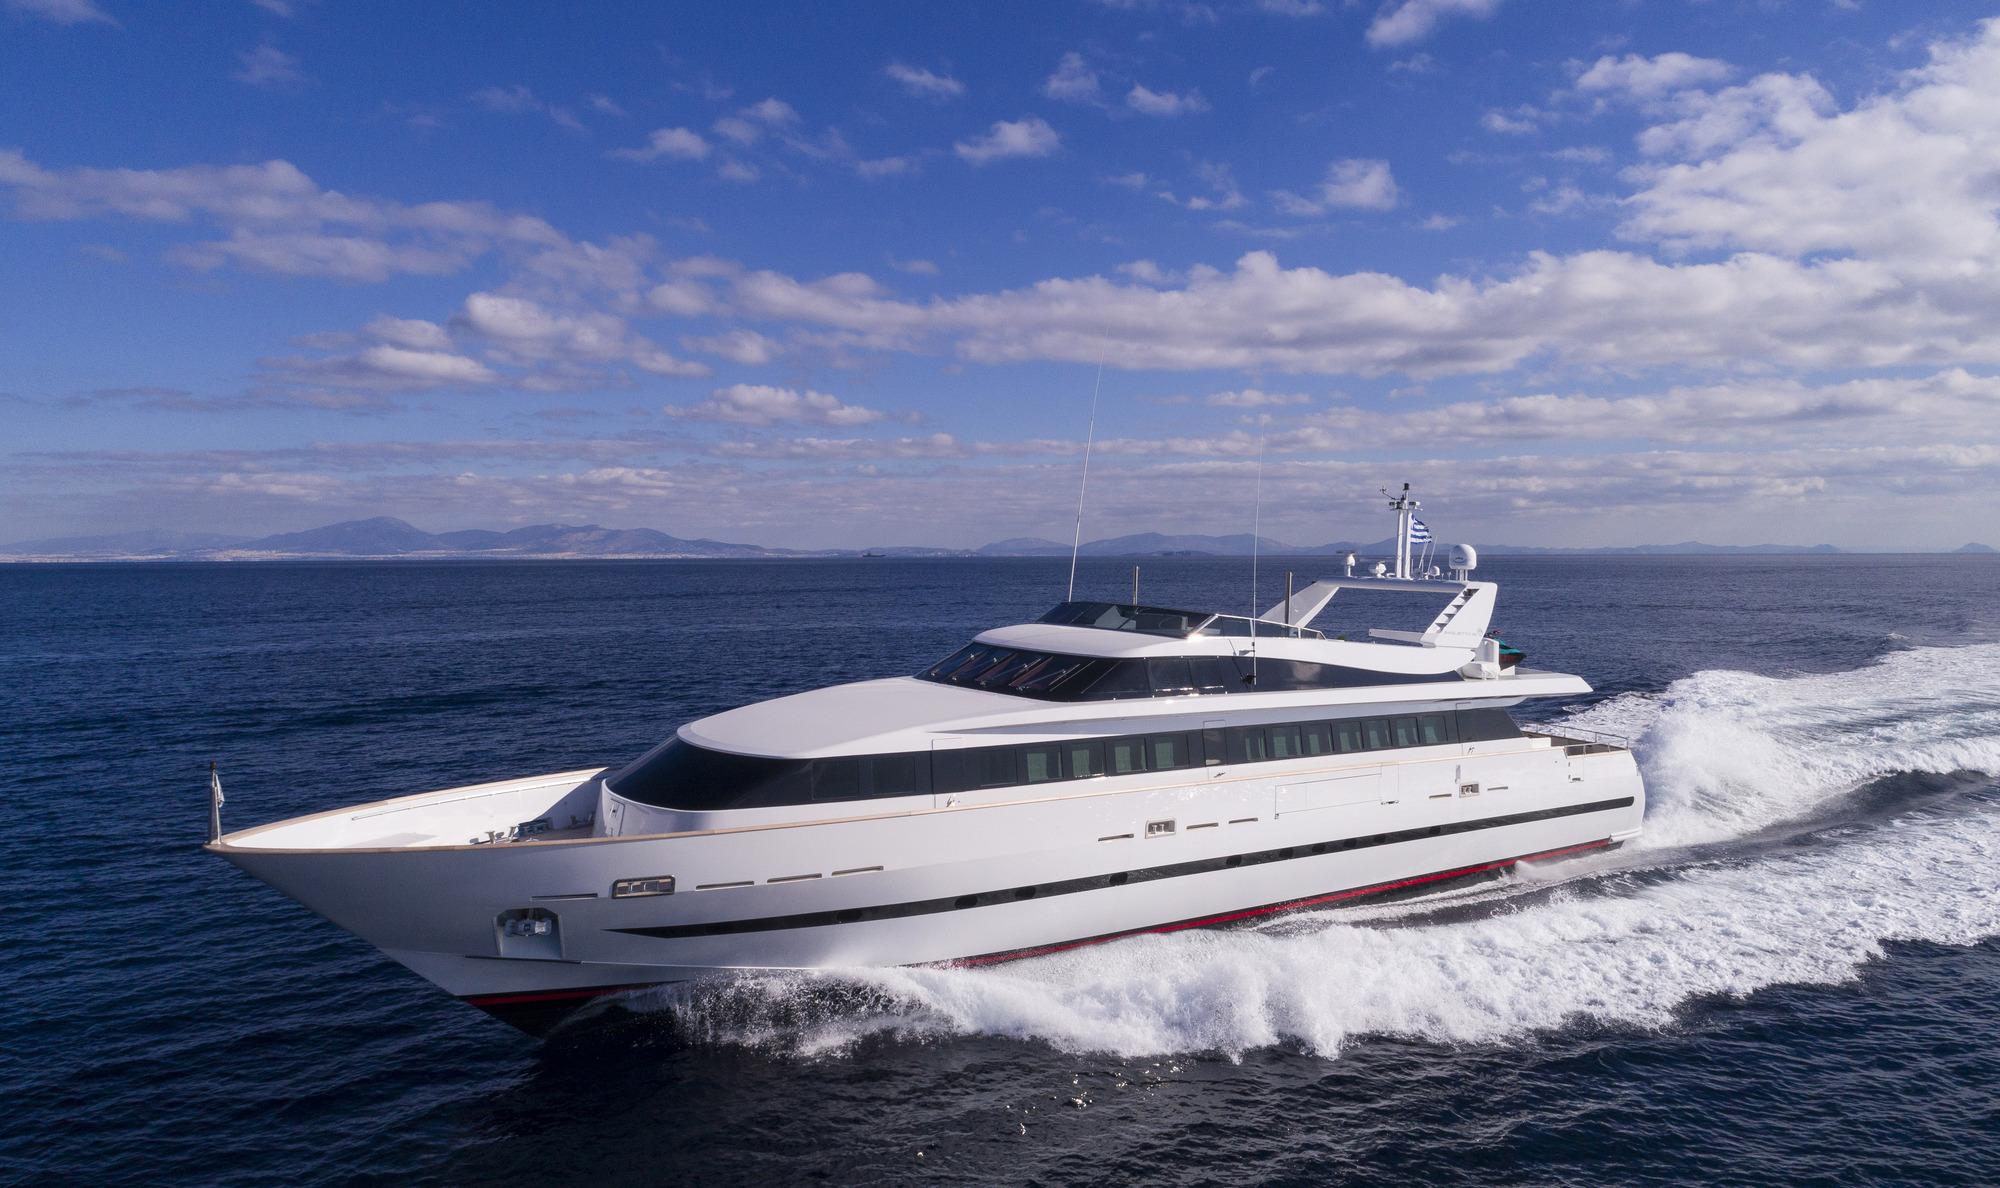 Baglietto Motor Yacht SOLE DI MARE - Running